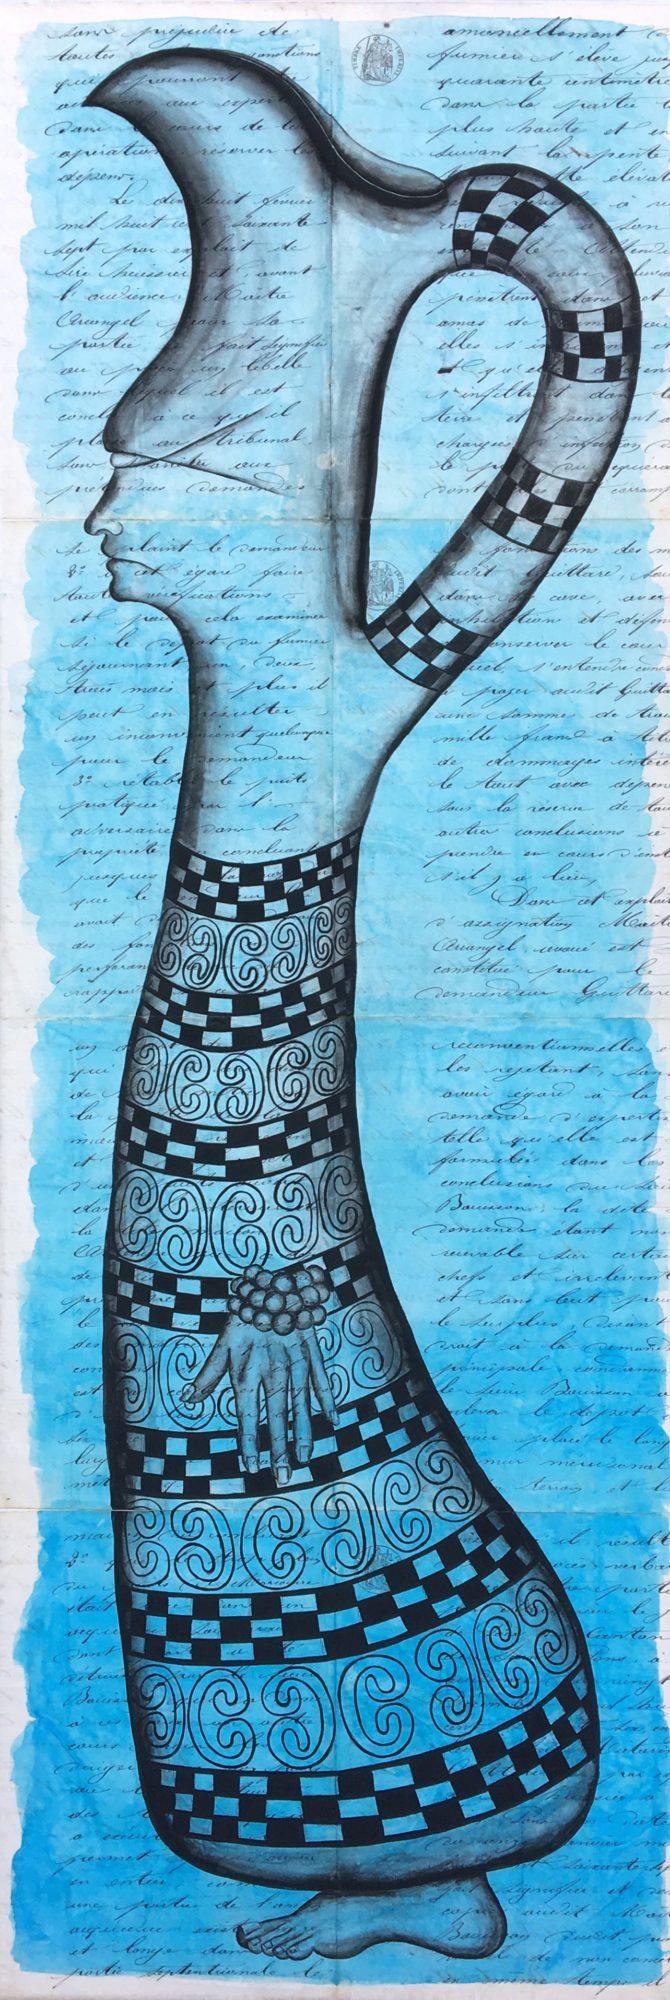 Carafe profilée  | 120 x 40 cm | Papier ancien marouflé sur toile